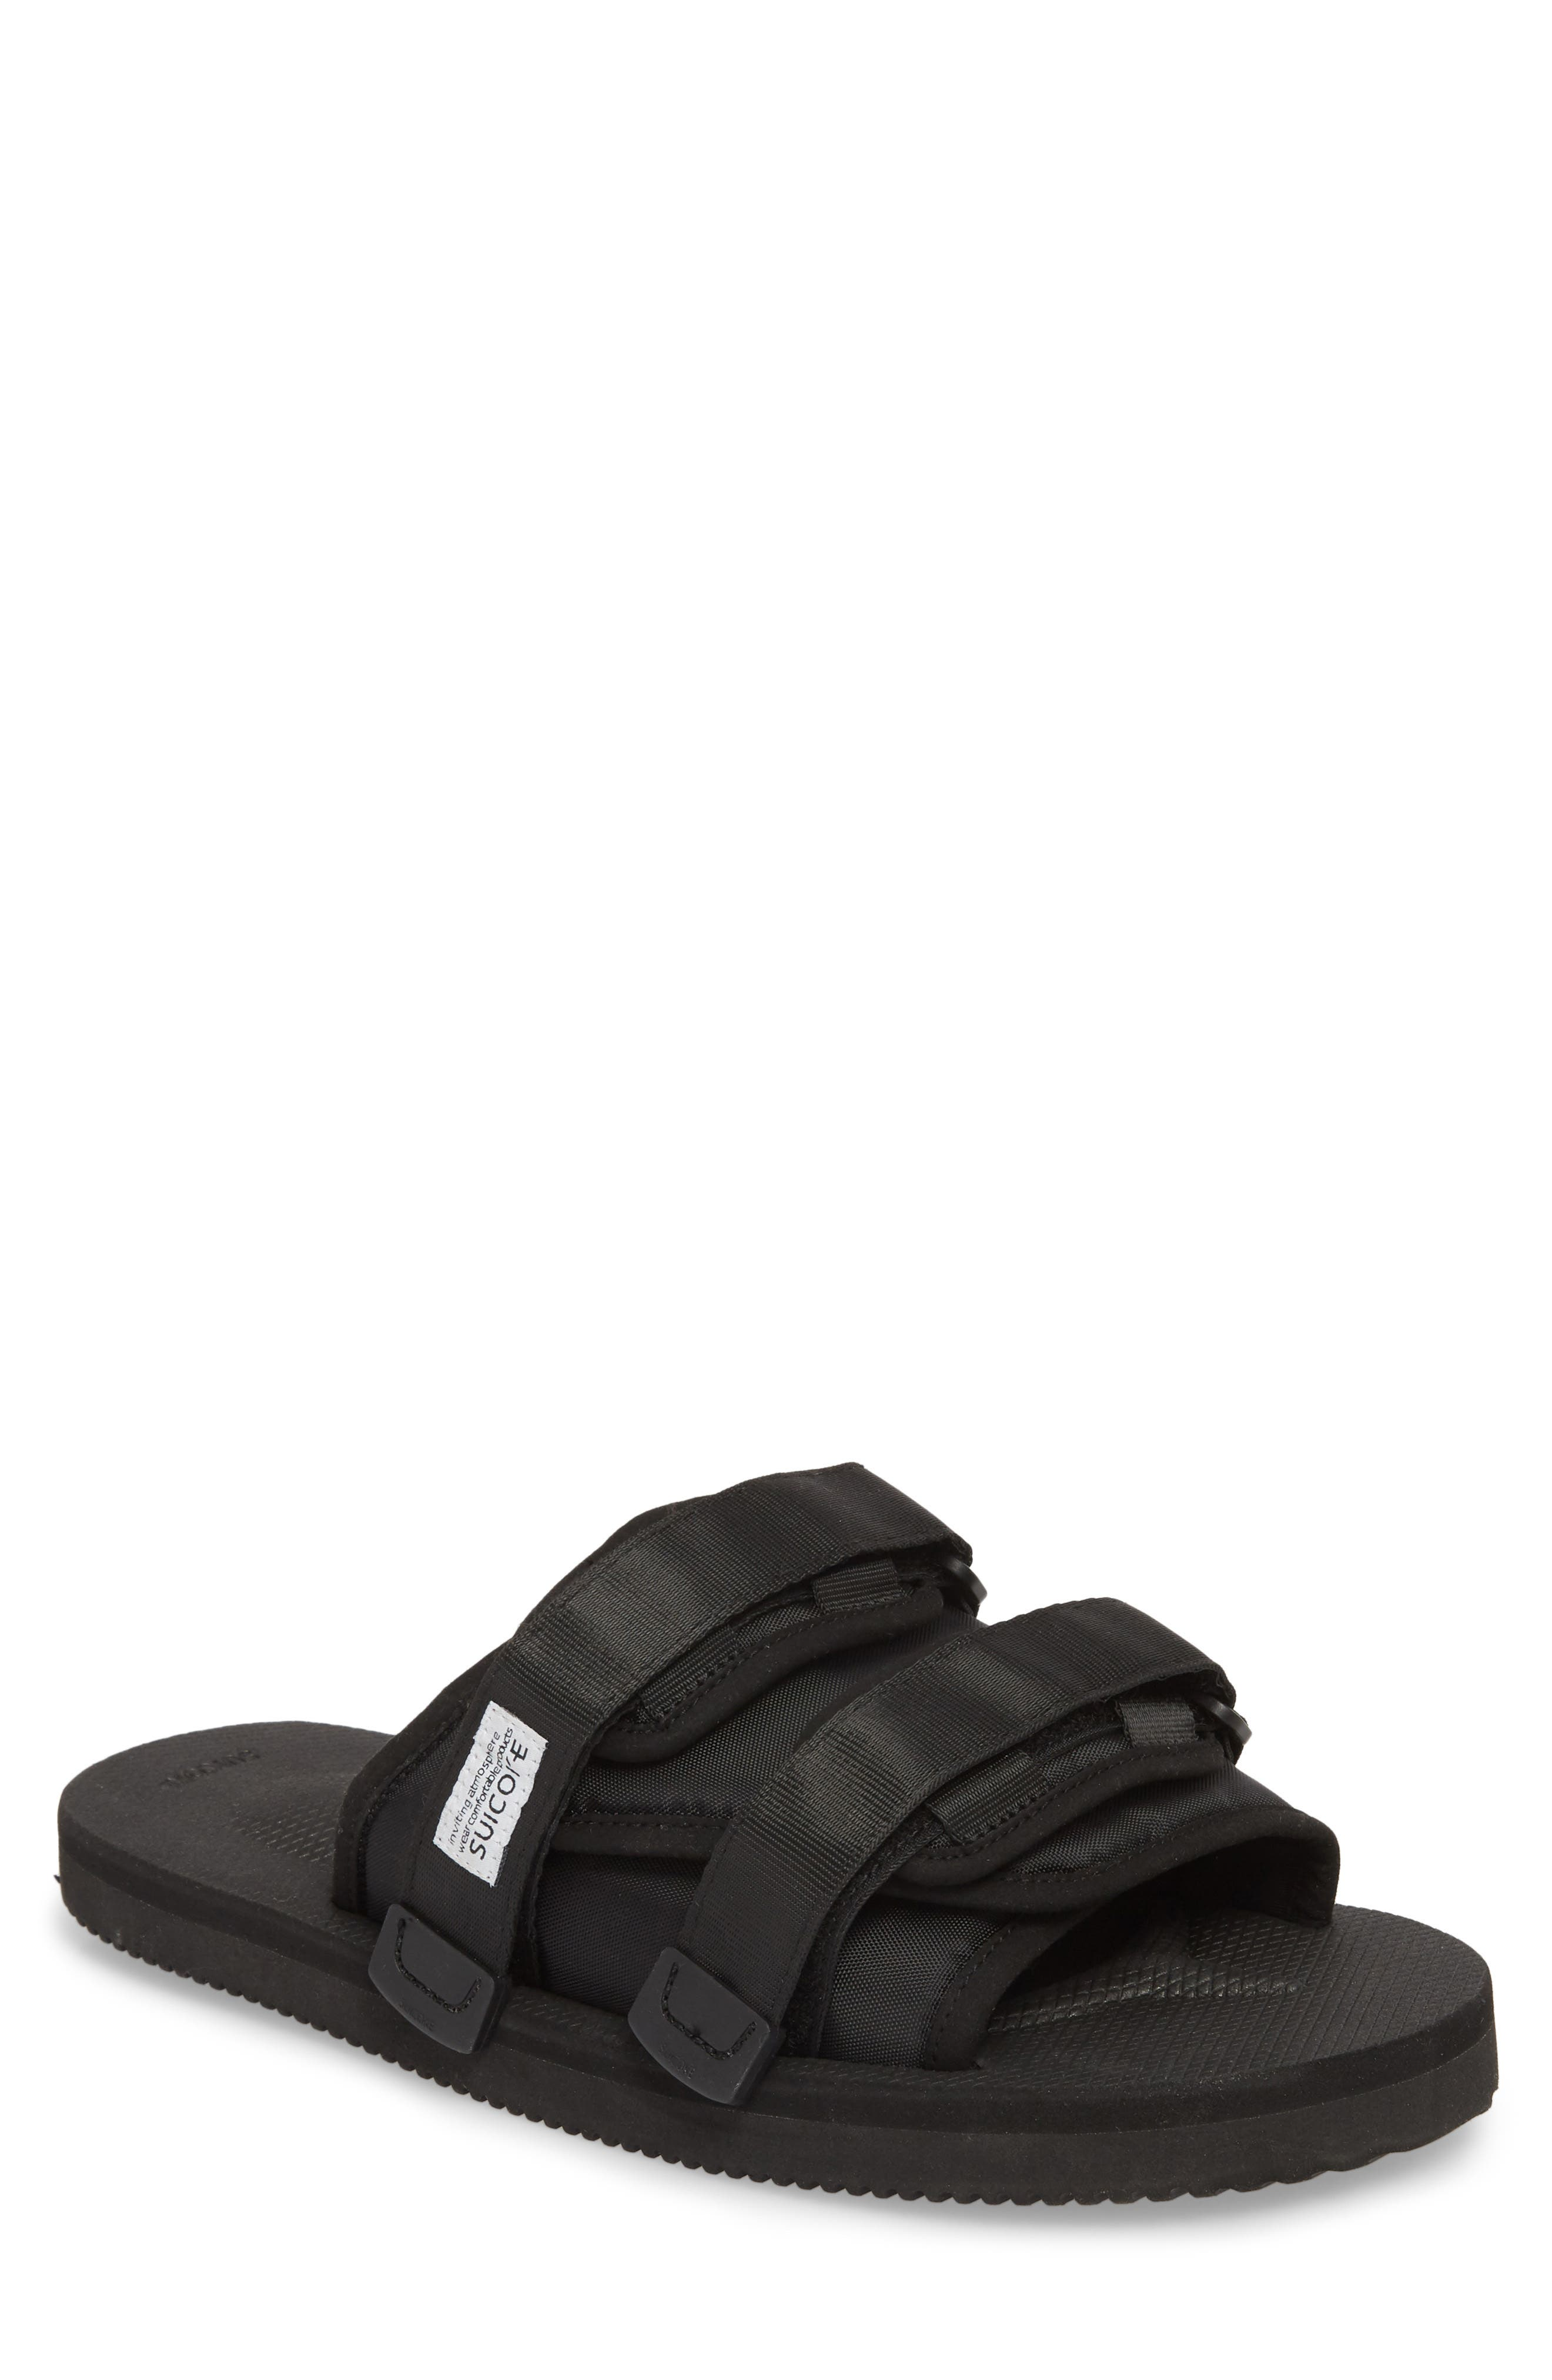 Moto Cab Slide Sandal,                             Main thumbnail 1, color,                             Black